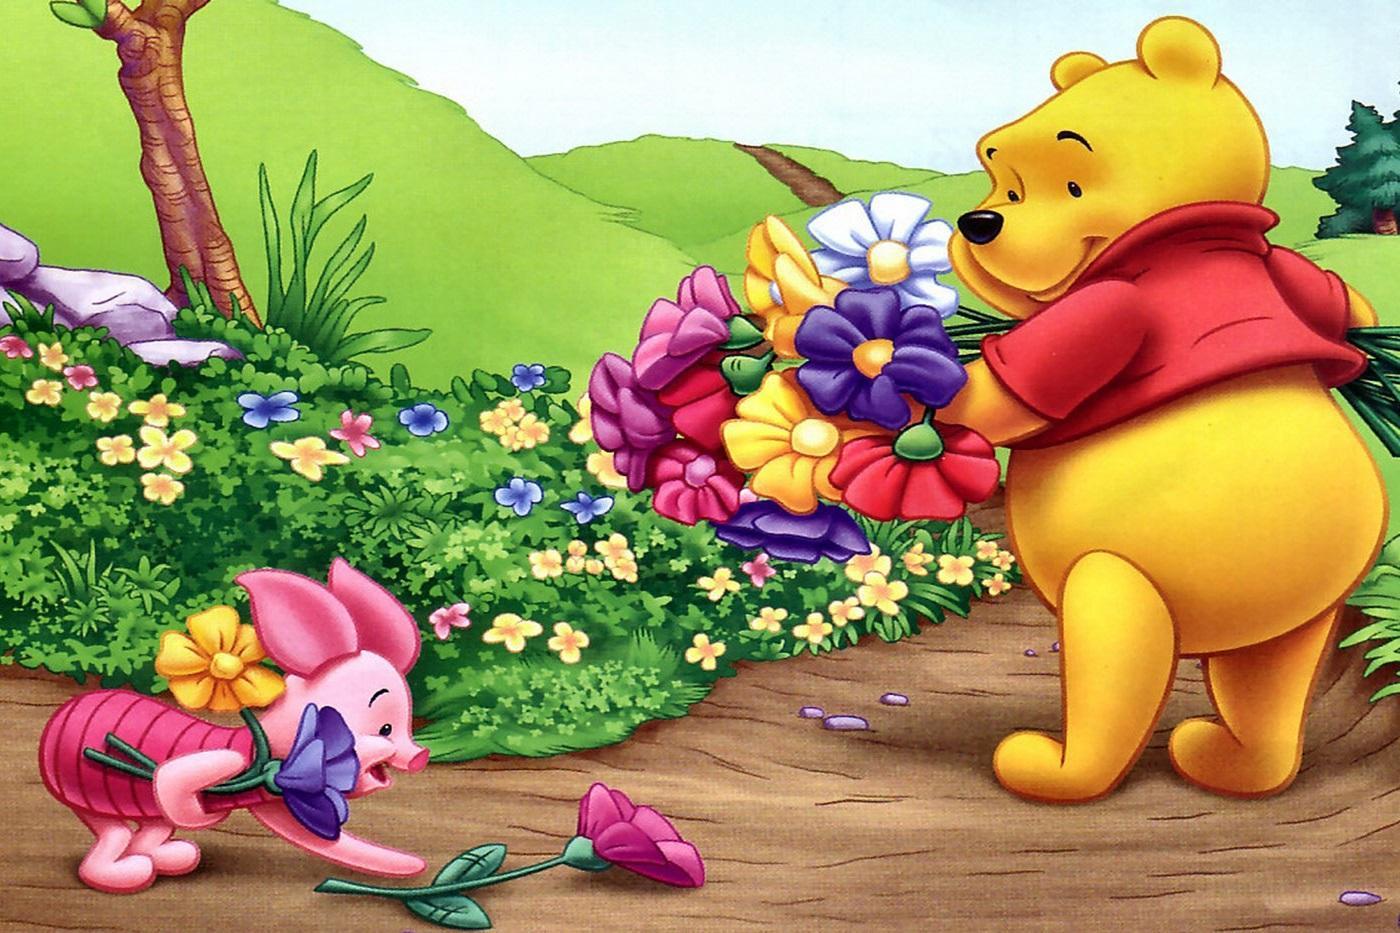 Cute Pooh Bear Wallpaper Hd Chaque Jour Un Puzzle Le Puzzle Du Jour En Page 3